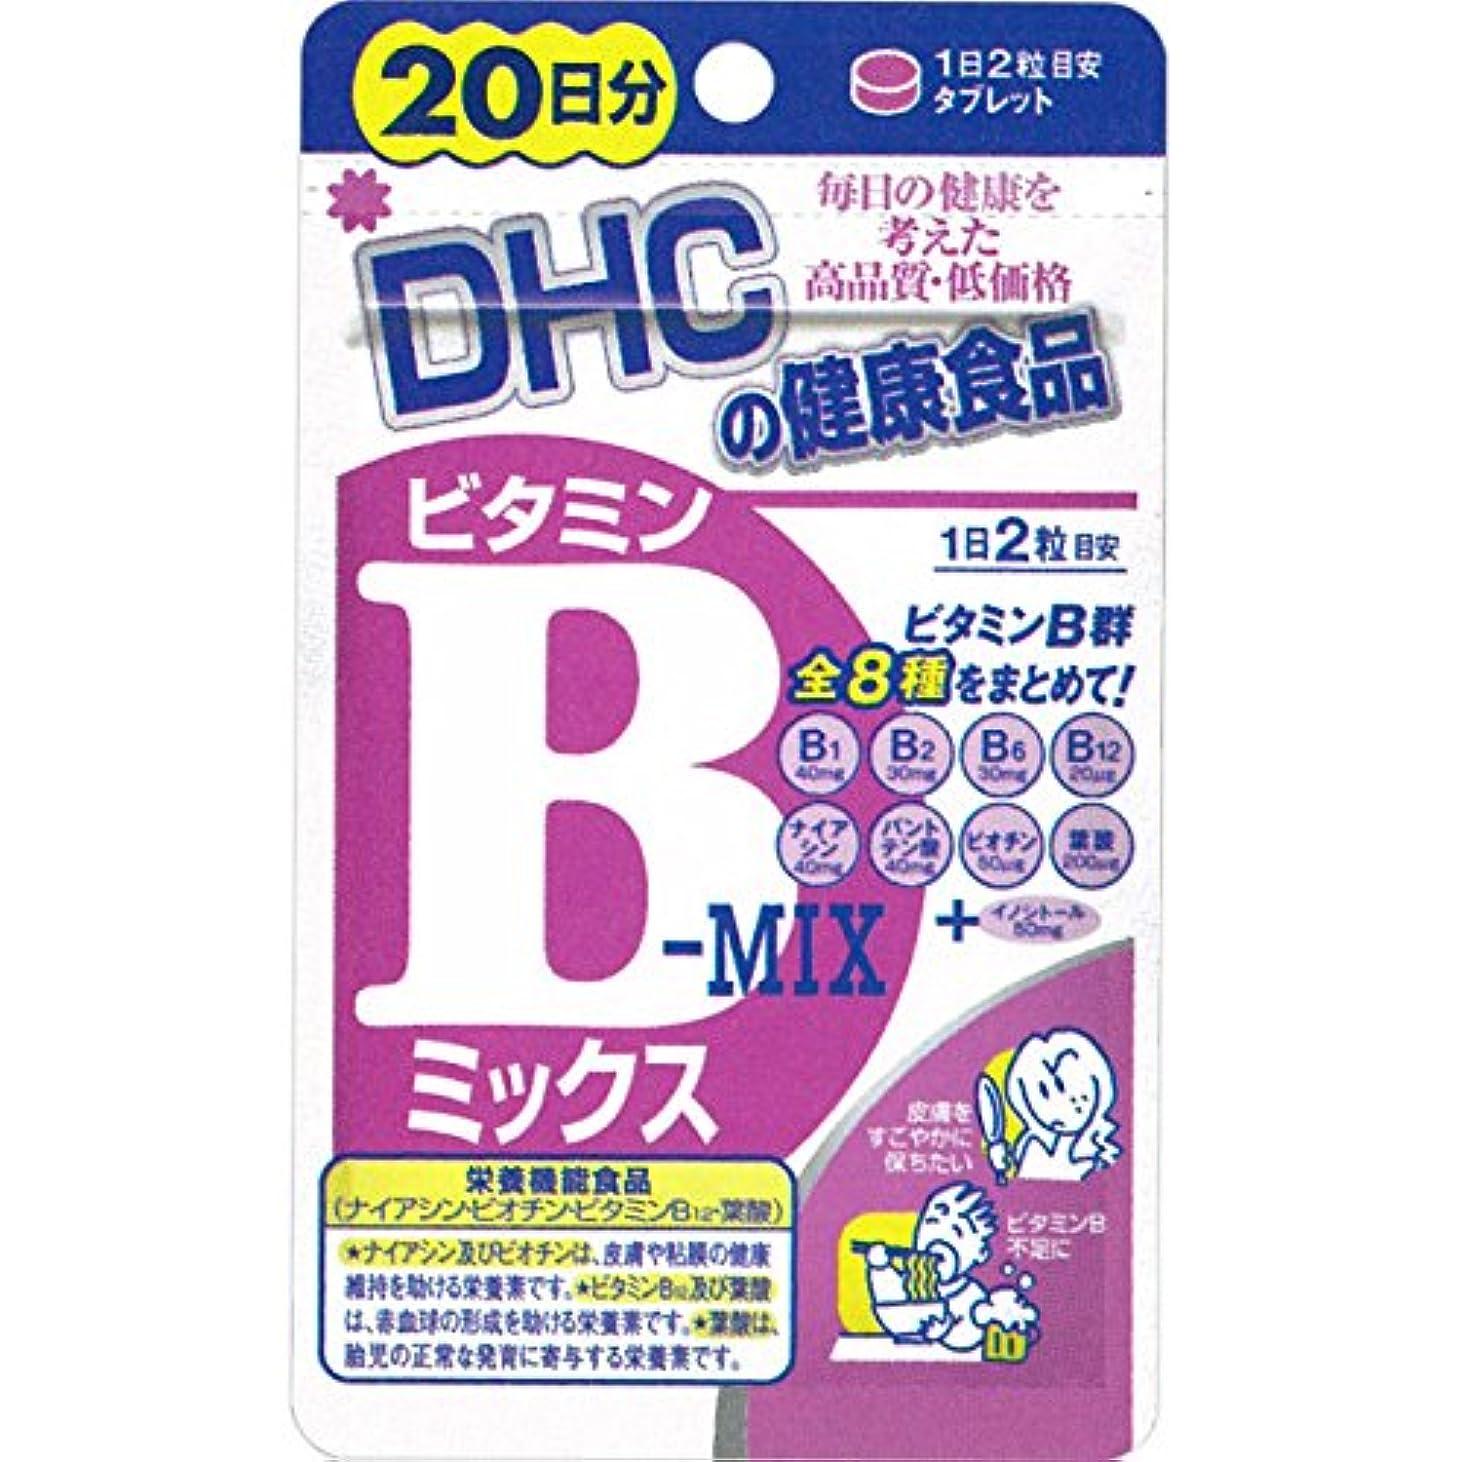 お父さんスポーツをする持ってるDHC(ディーエイチシー) サプリメント DHC ビタミンB MIX 20日分